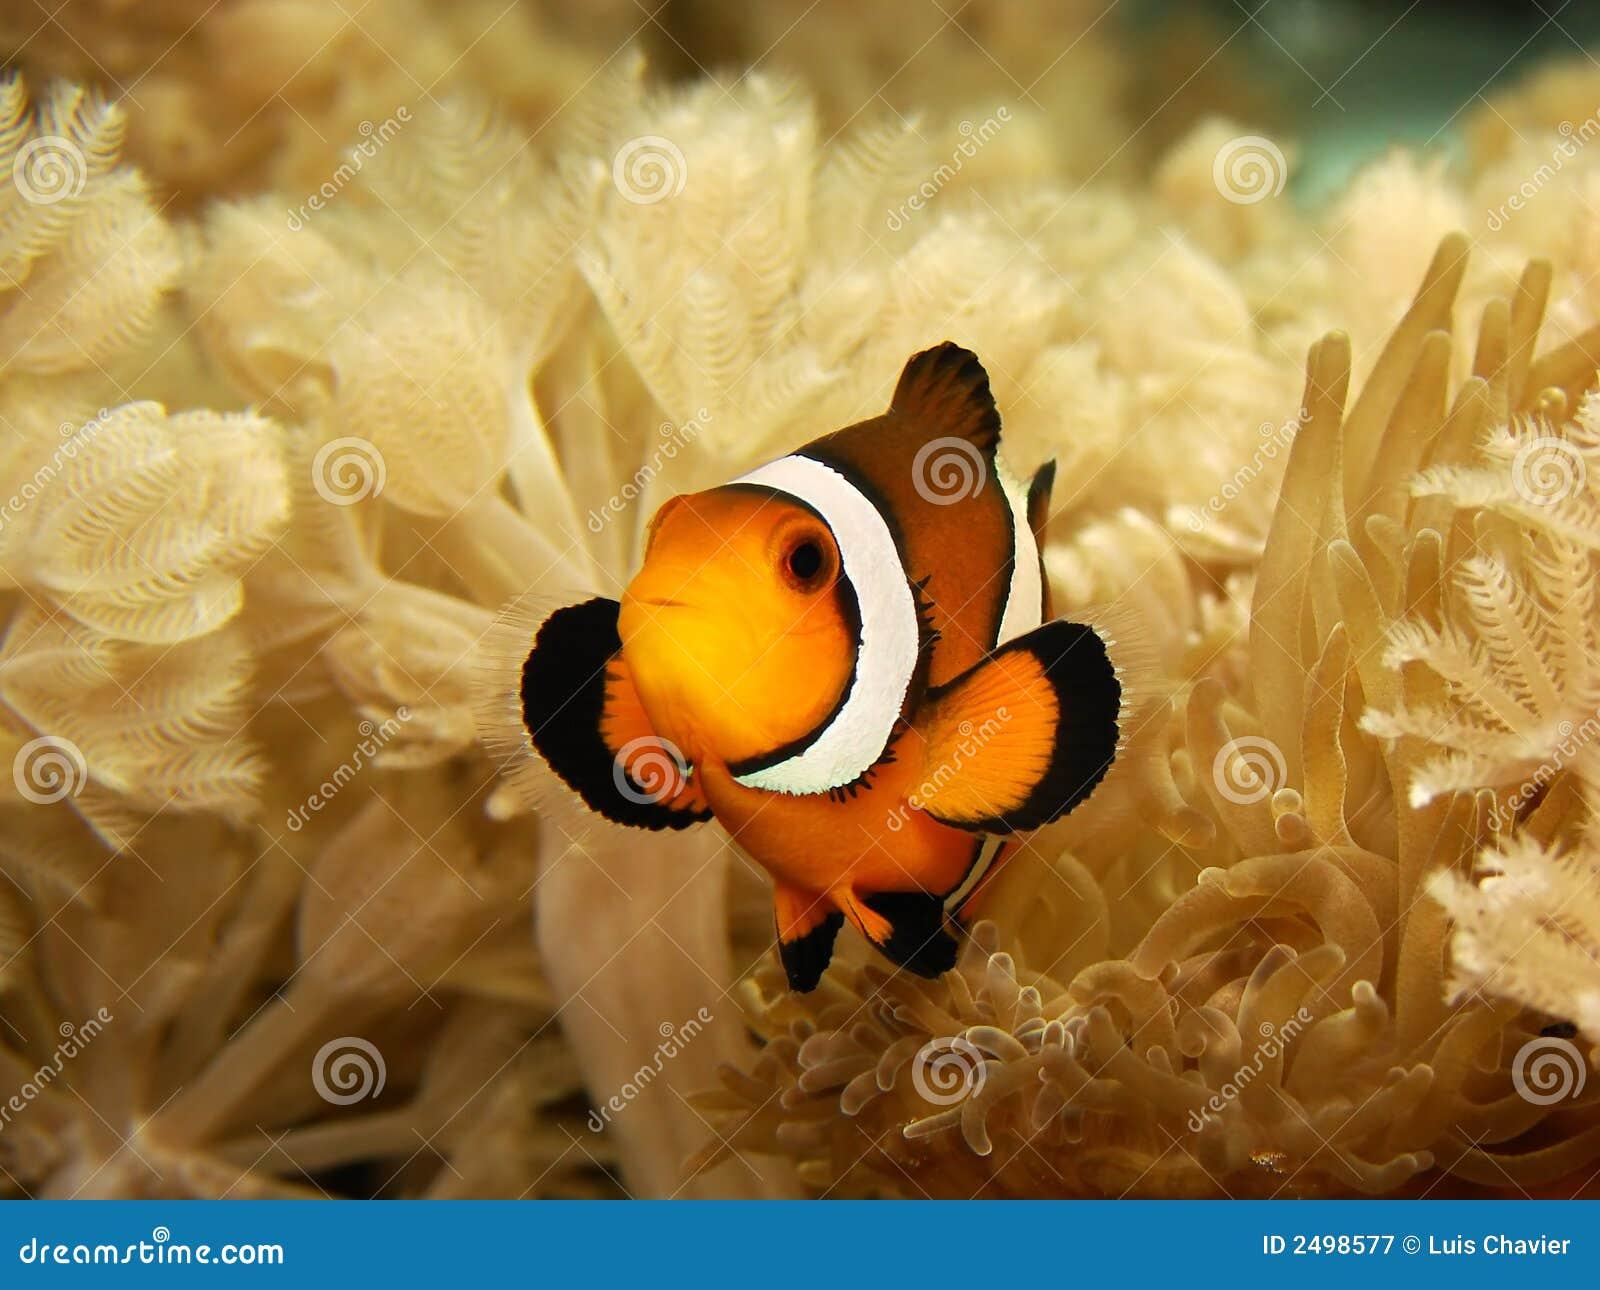 Anemonclownfish